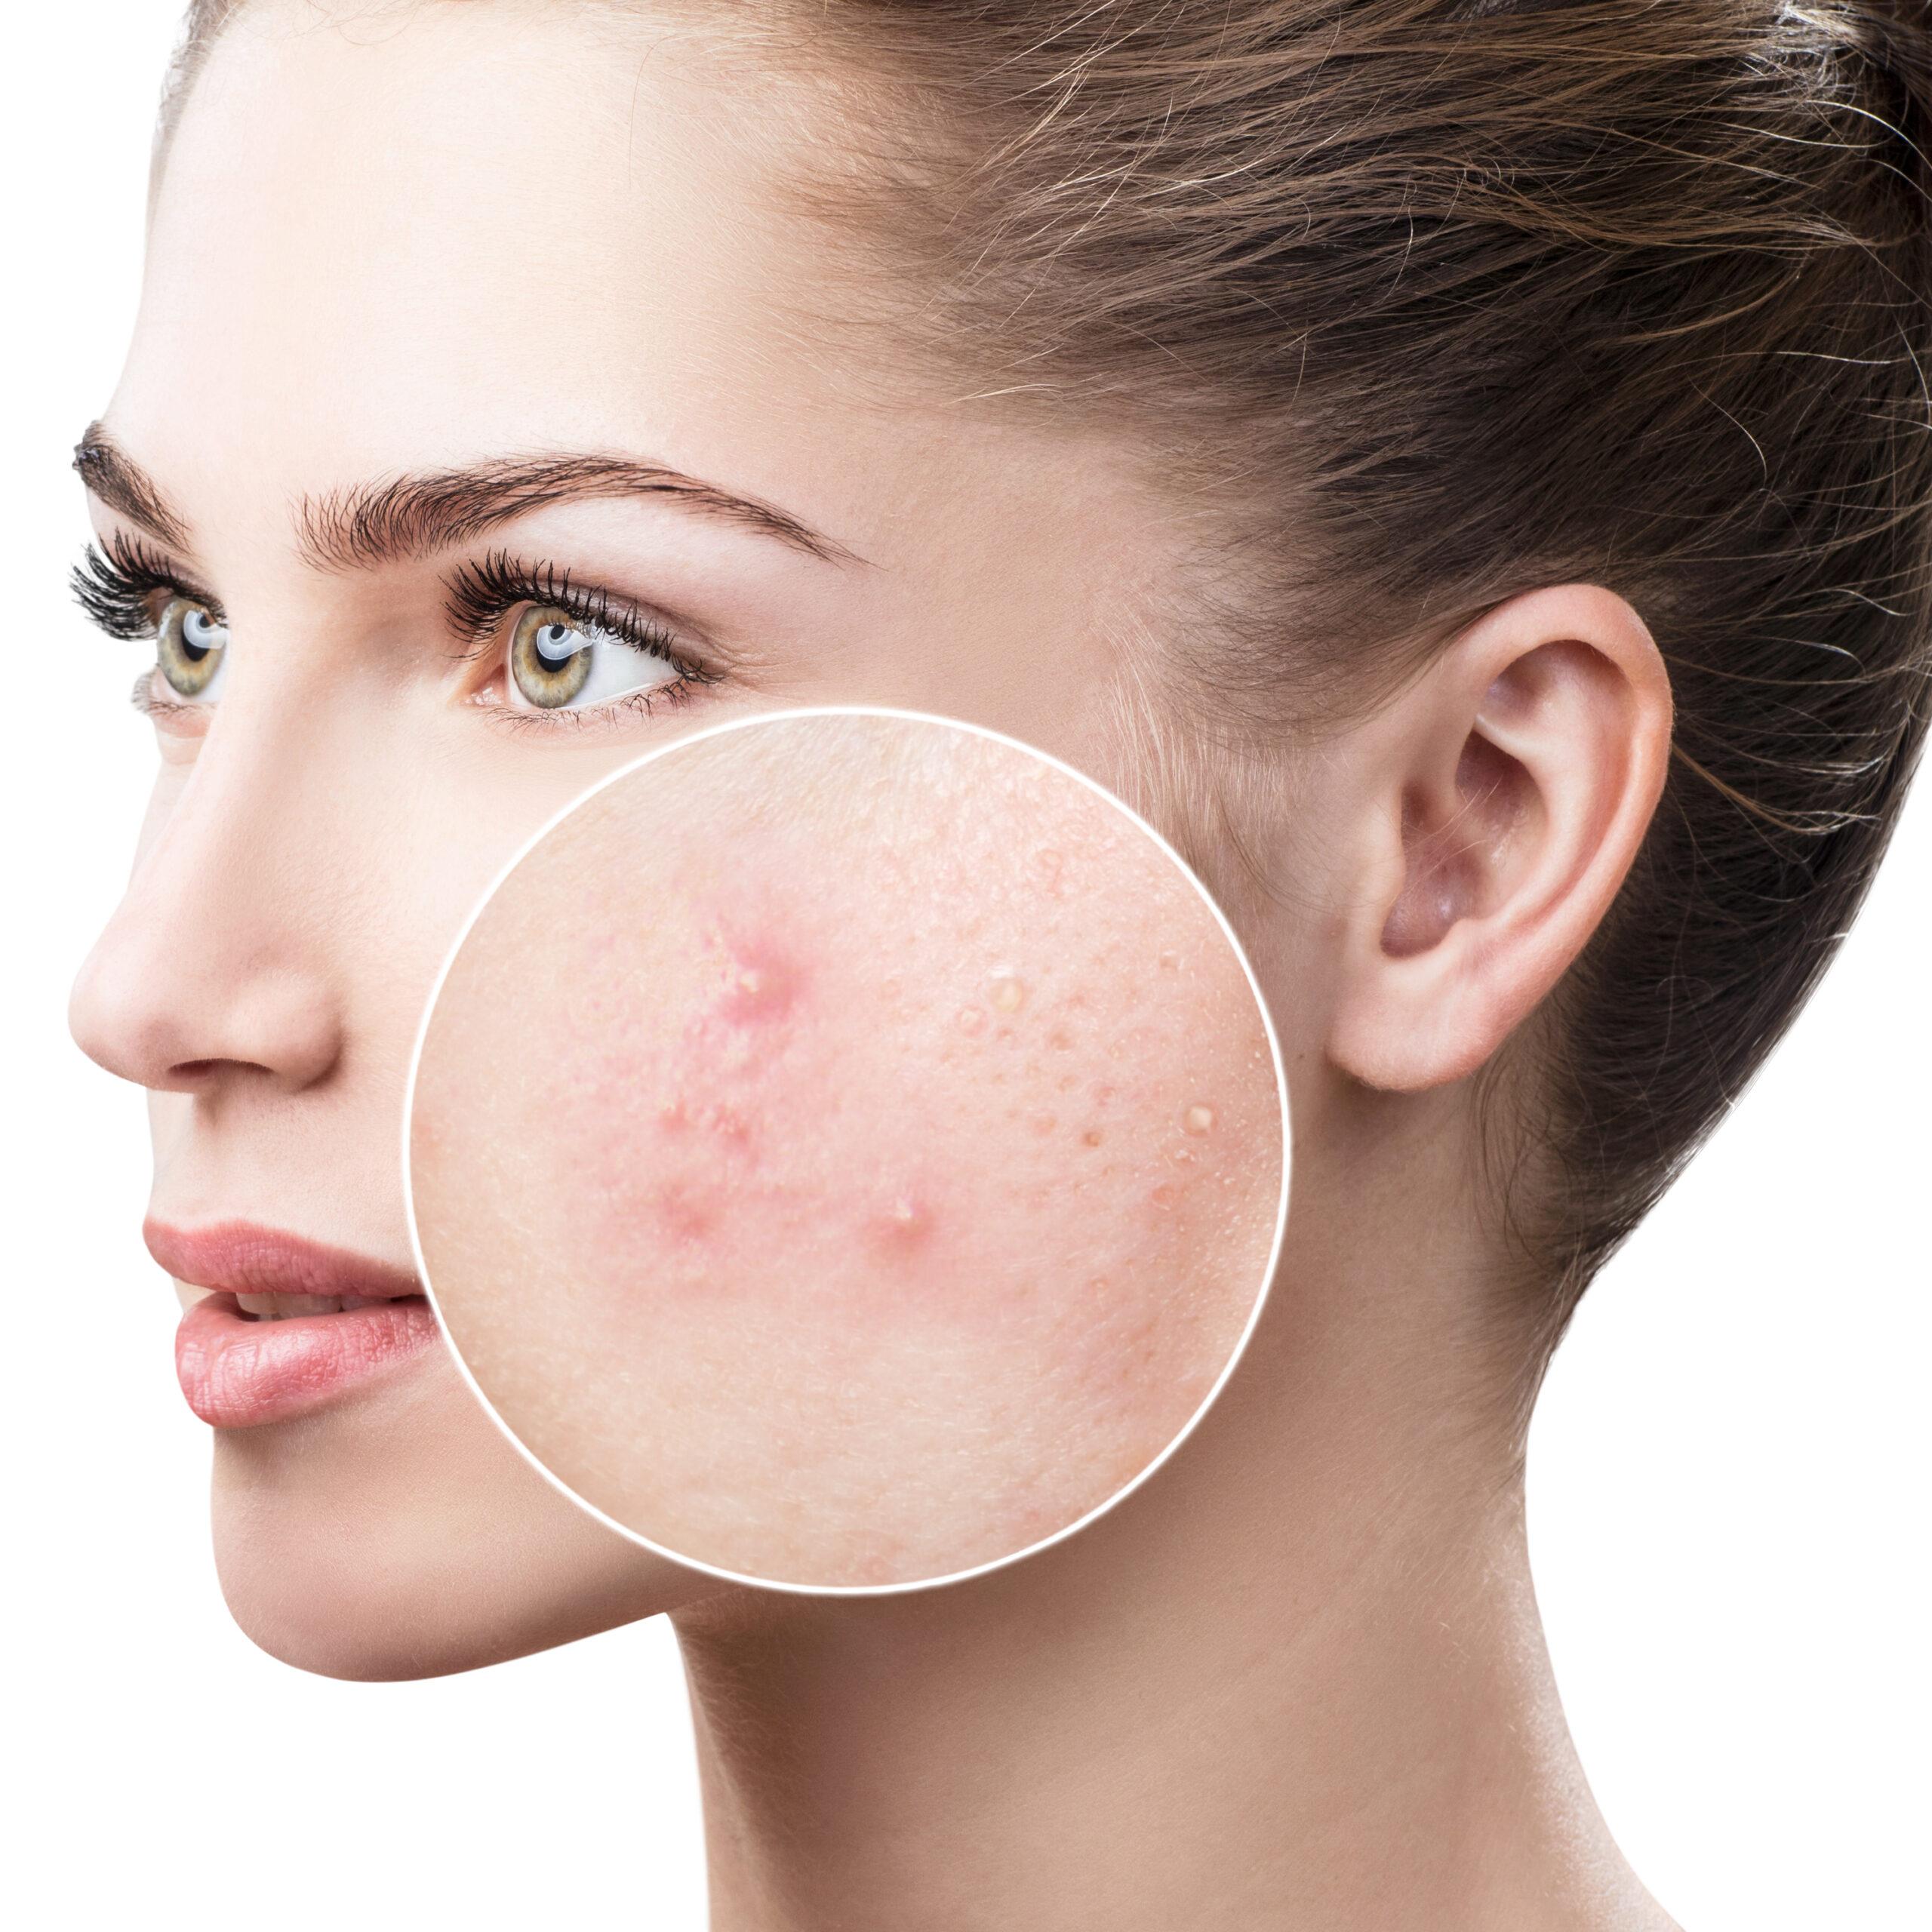 痛い赤ニキビの効果的な治し方とは?ニキビのないキレイな肌を目指そう-1